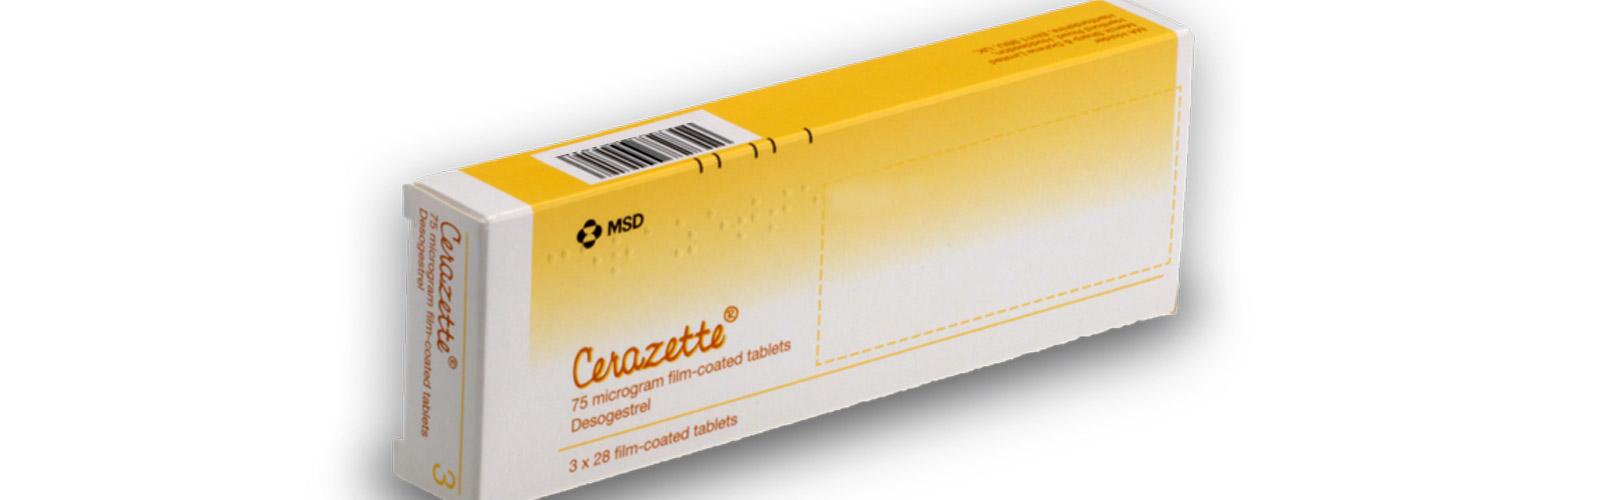 Bewertungen für Cerazette Online & in Deutschland